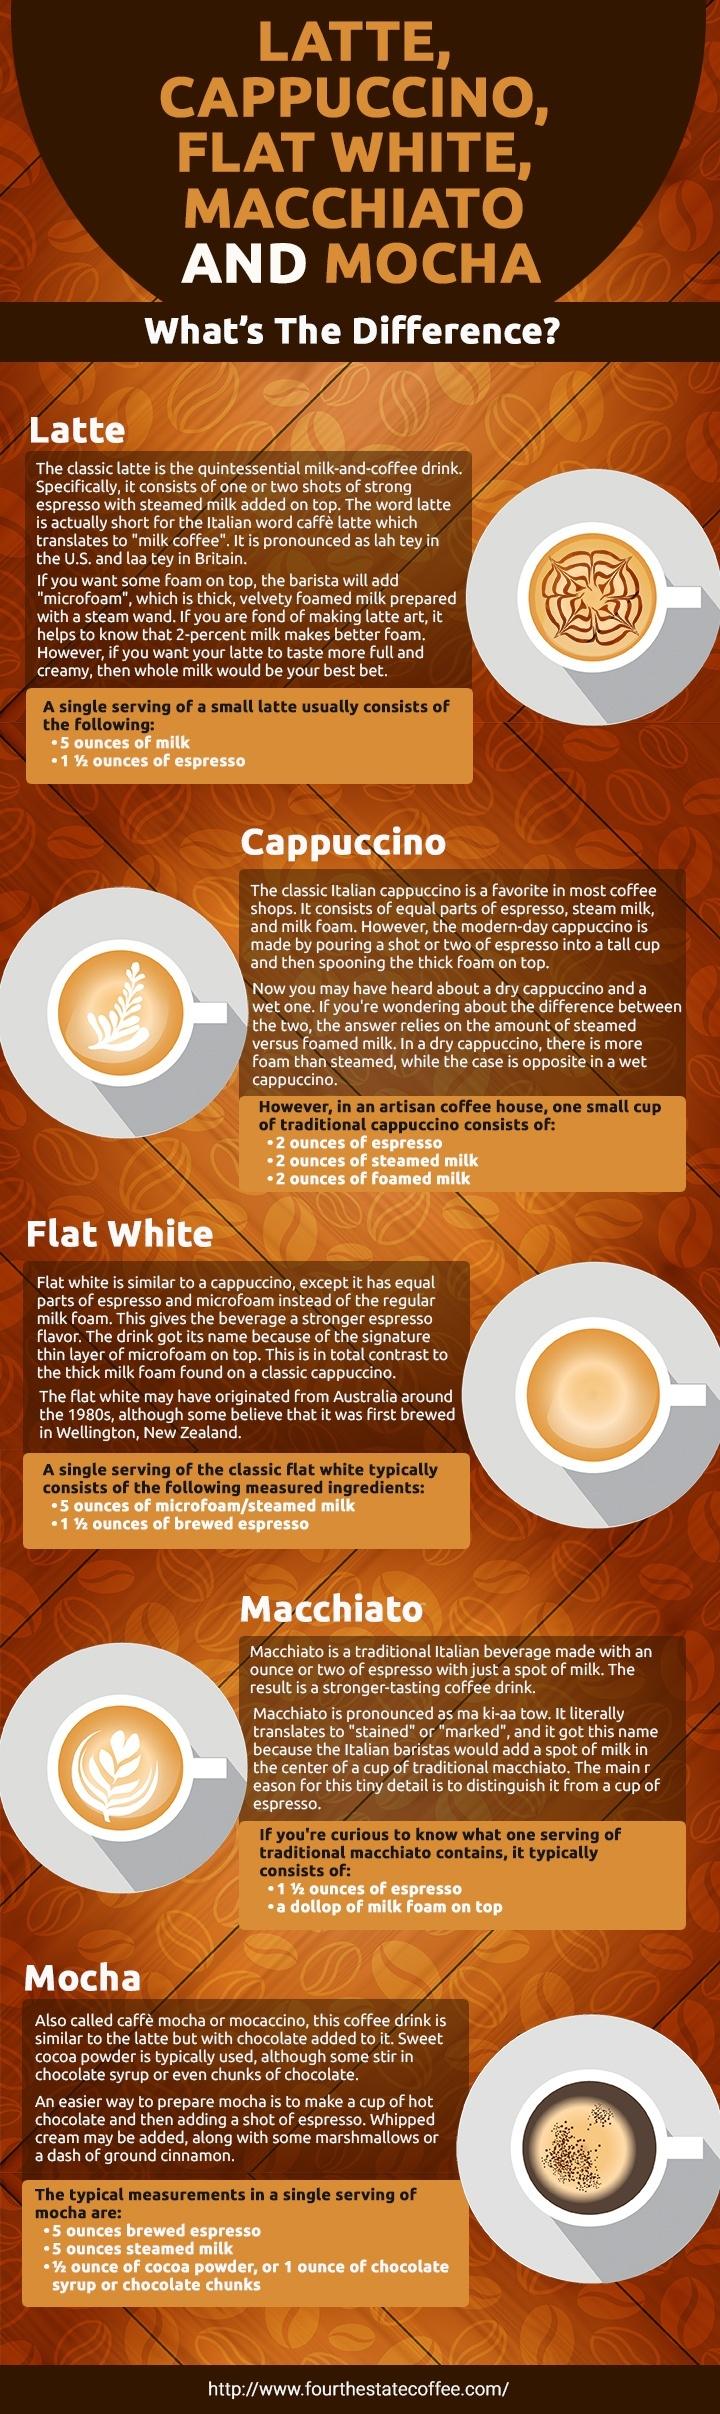 Latte, Cappuccino, Macchiato, Mocha Infographic